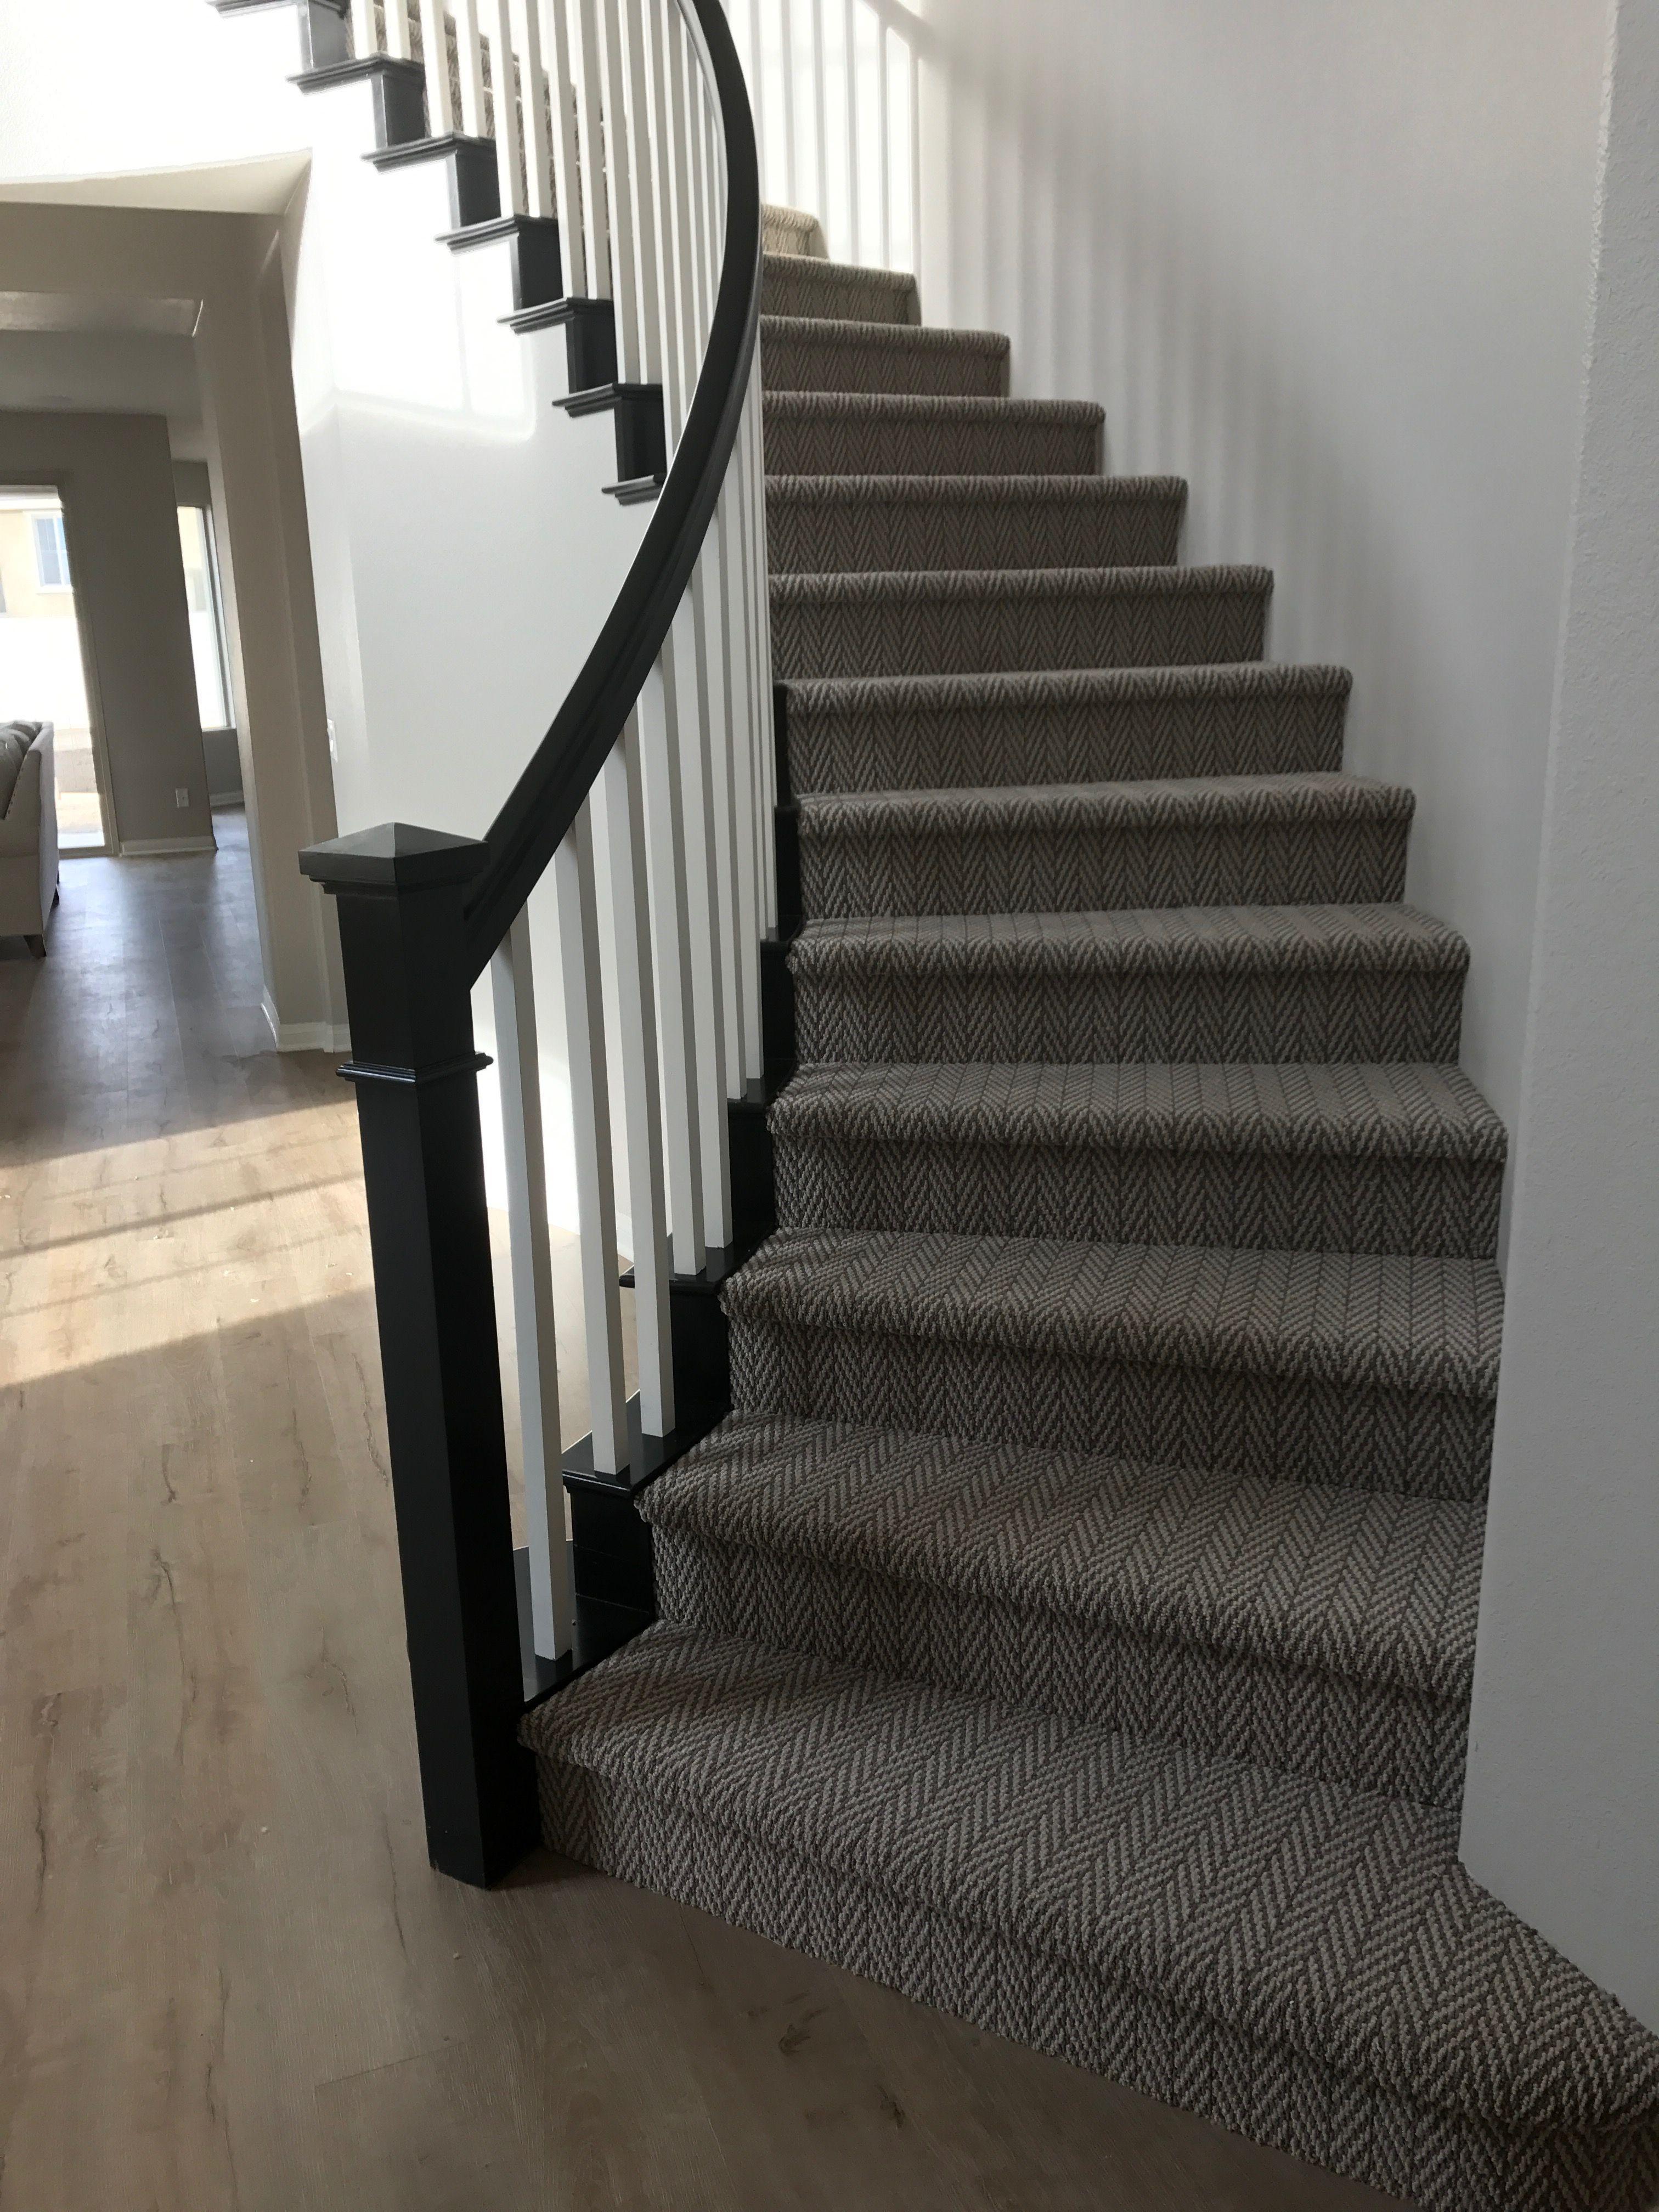 Herringbone Stairway Carpet Best Stair Carpet For High | Best Rug For Stairs